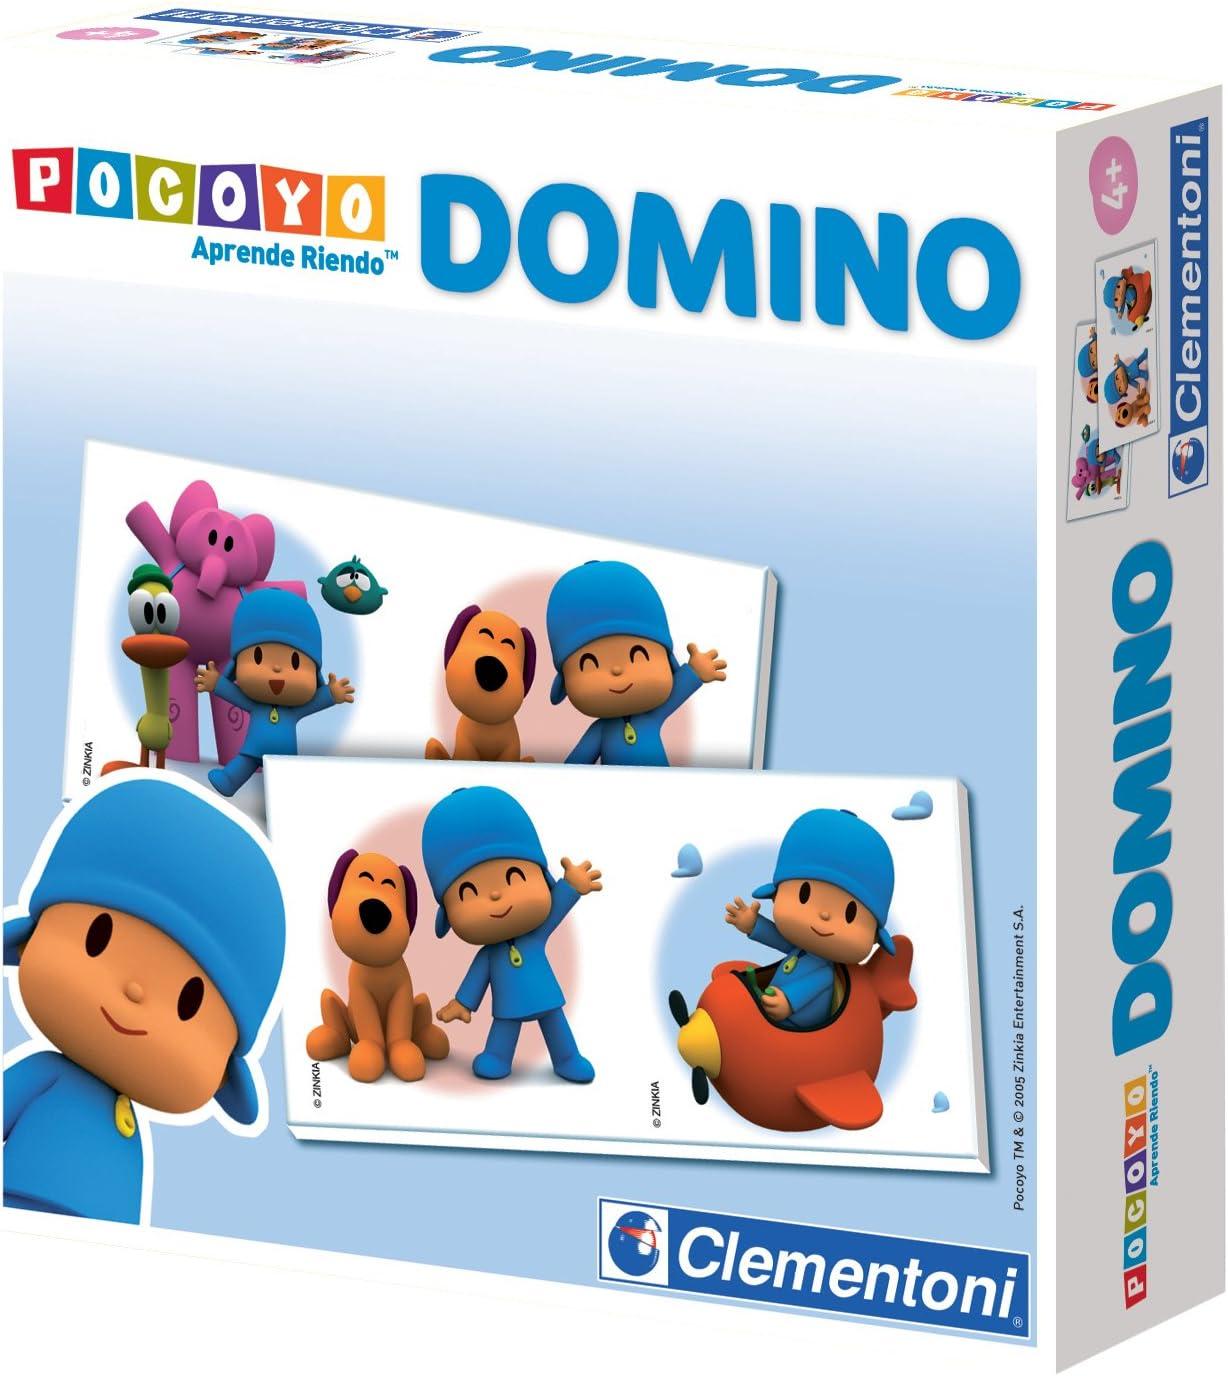 Clementoni- Domino Pocoyo: Amazon.es: Juguetes y juegos